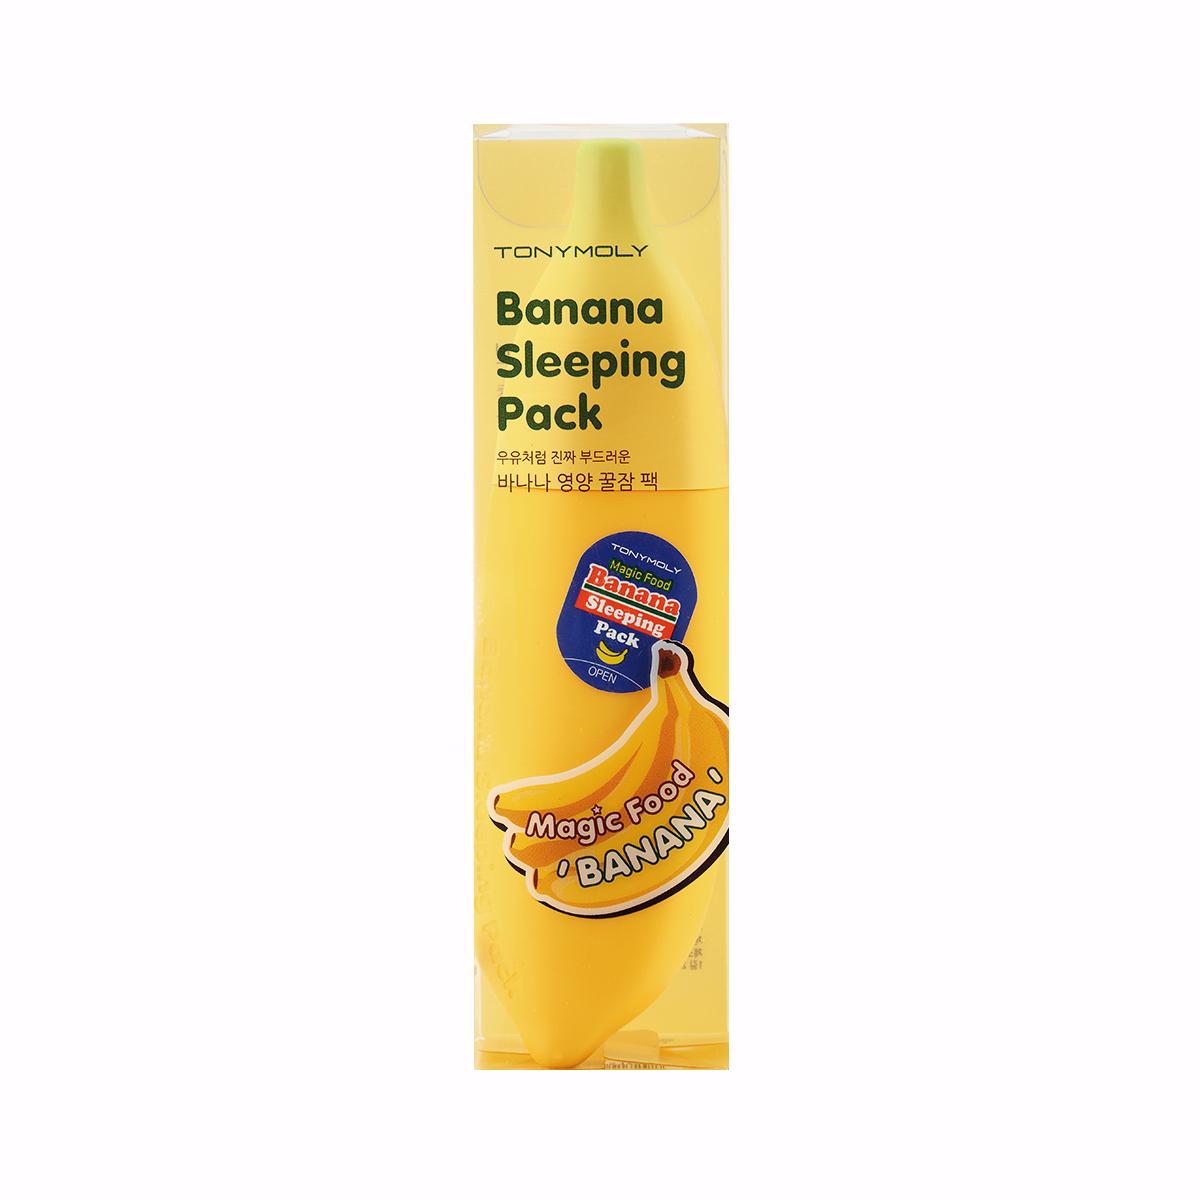 TonyMoly Ночная маска с бананом Magic Food Banana Sleeping Pack, 85 млFS-54114Банановая интенсивно восстанавливающая ночная маска Tony Moly Magic Food Banana Sleeping Pack - это поистине волшебный продукт среди корейской косметики! Маска ремонтирует Ваше лицо, пока Вы спите! В мякоти банана содержатся фитостеролы, витамины В, С, Е, кальций. Благодаря богатому, питательному составу, экстракт банана отлично увлажняет, наполняет кожу полезными веществами и витаминами, помогает избавляться от морщинок, делает кожу мягкой и гладкой.Витамин В обладает себорегулирующим свойством, витамины С и Е омолаживают кожу, делают ее увлажненной и сияющей. Кальций улучшает структуру кожи, делает ее более упругой, придает прочность клеточным мембранам. Экстракт ромашки содержит такие вещества, как зулен, бисаболол, флавоноиды, благодаря чему обладает выраженным противовоспалительным и успокаивающим действием. Маска обеспечивает в ночное время питание и увлажняющий уход, сохраняет мягкость, эластичность и наполняет энергией. Способствует созданию защитного барьера для чувствительной кожи от воздействия окружающей внешней среды и стрессов. Маска не содержит парабенов, триэтаноламина, спиртов, BHT, триклозана. Марка Tony Moly чаще всего размещает на упаковке (внизу или наверху на спайке двух сторон упаковки, на дне банки, на тубе сбоку) дату изготовления в формате: год/месяц/дата.